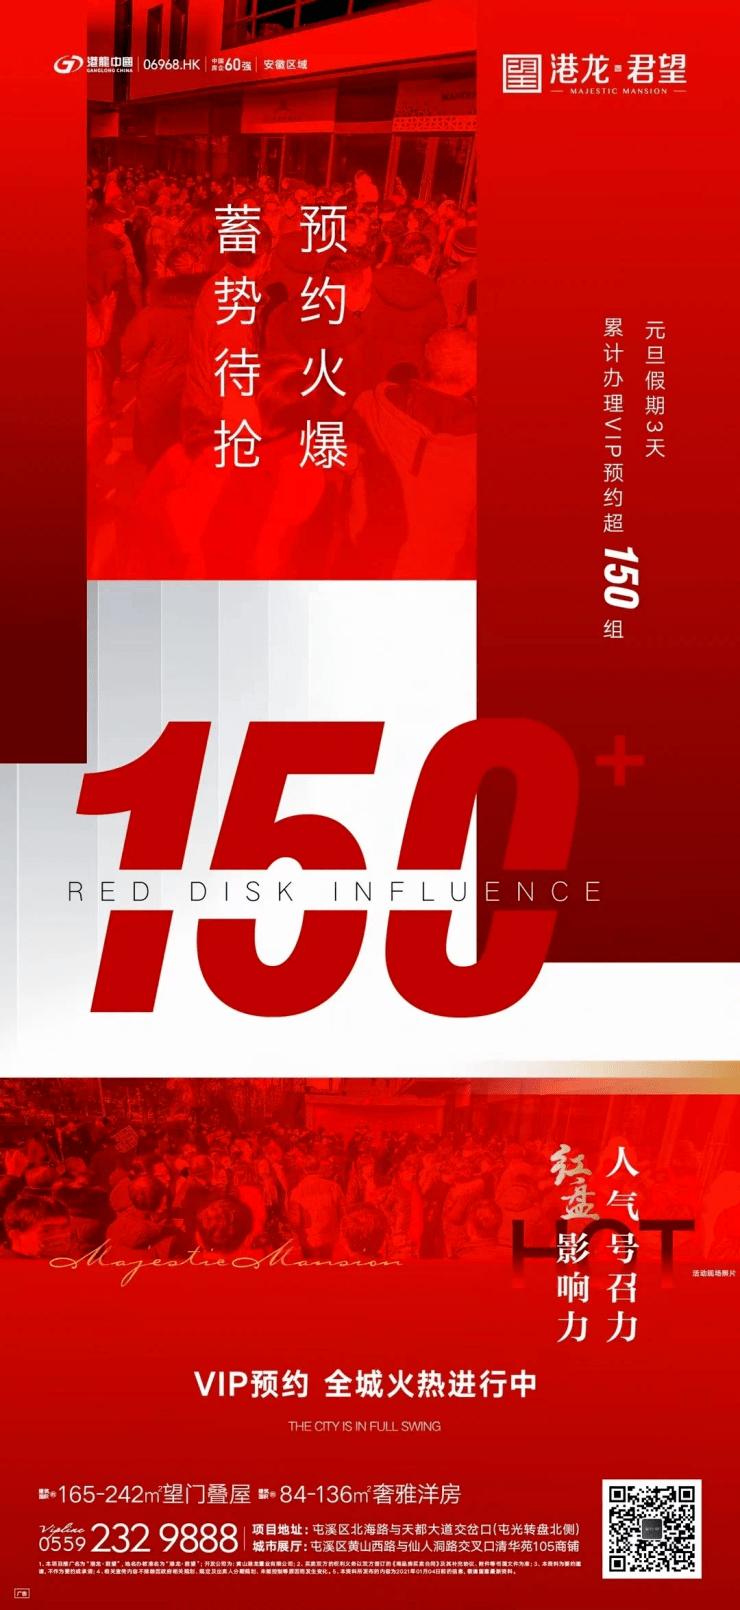 """3天预约超150组,解密港龙君望势不可挡的""""红盘基因""""!"""